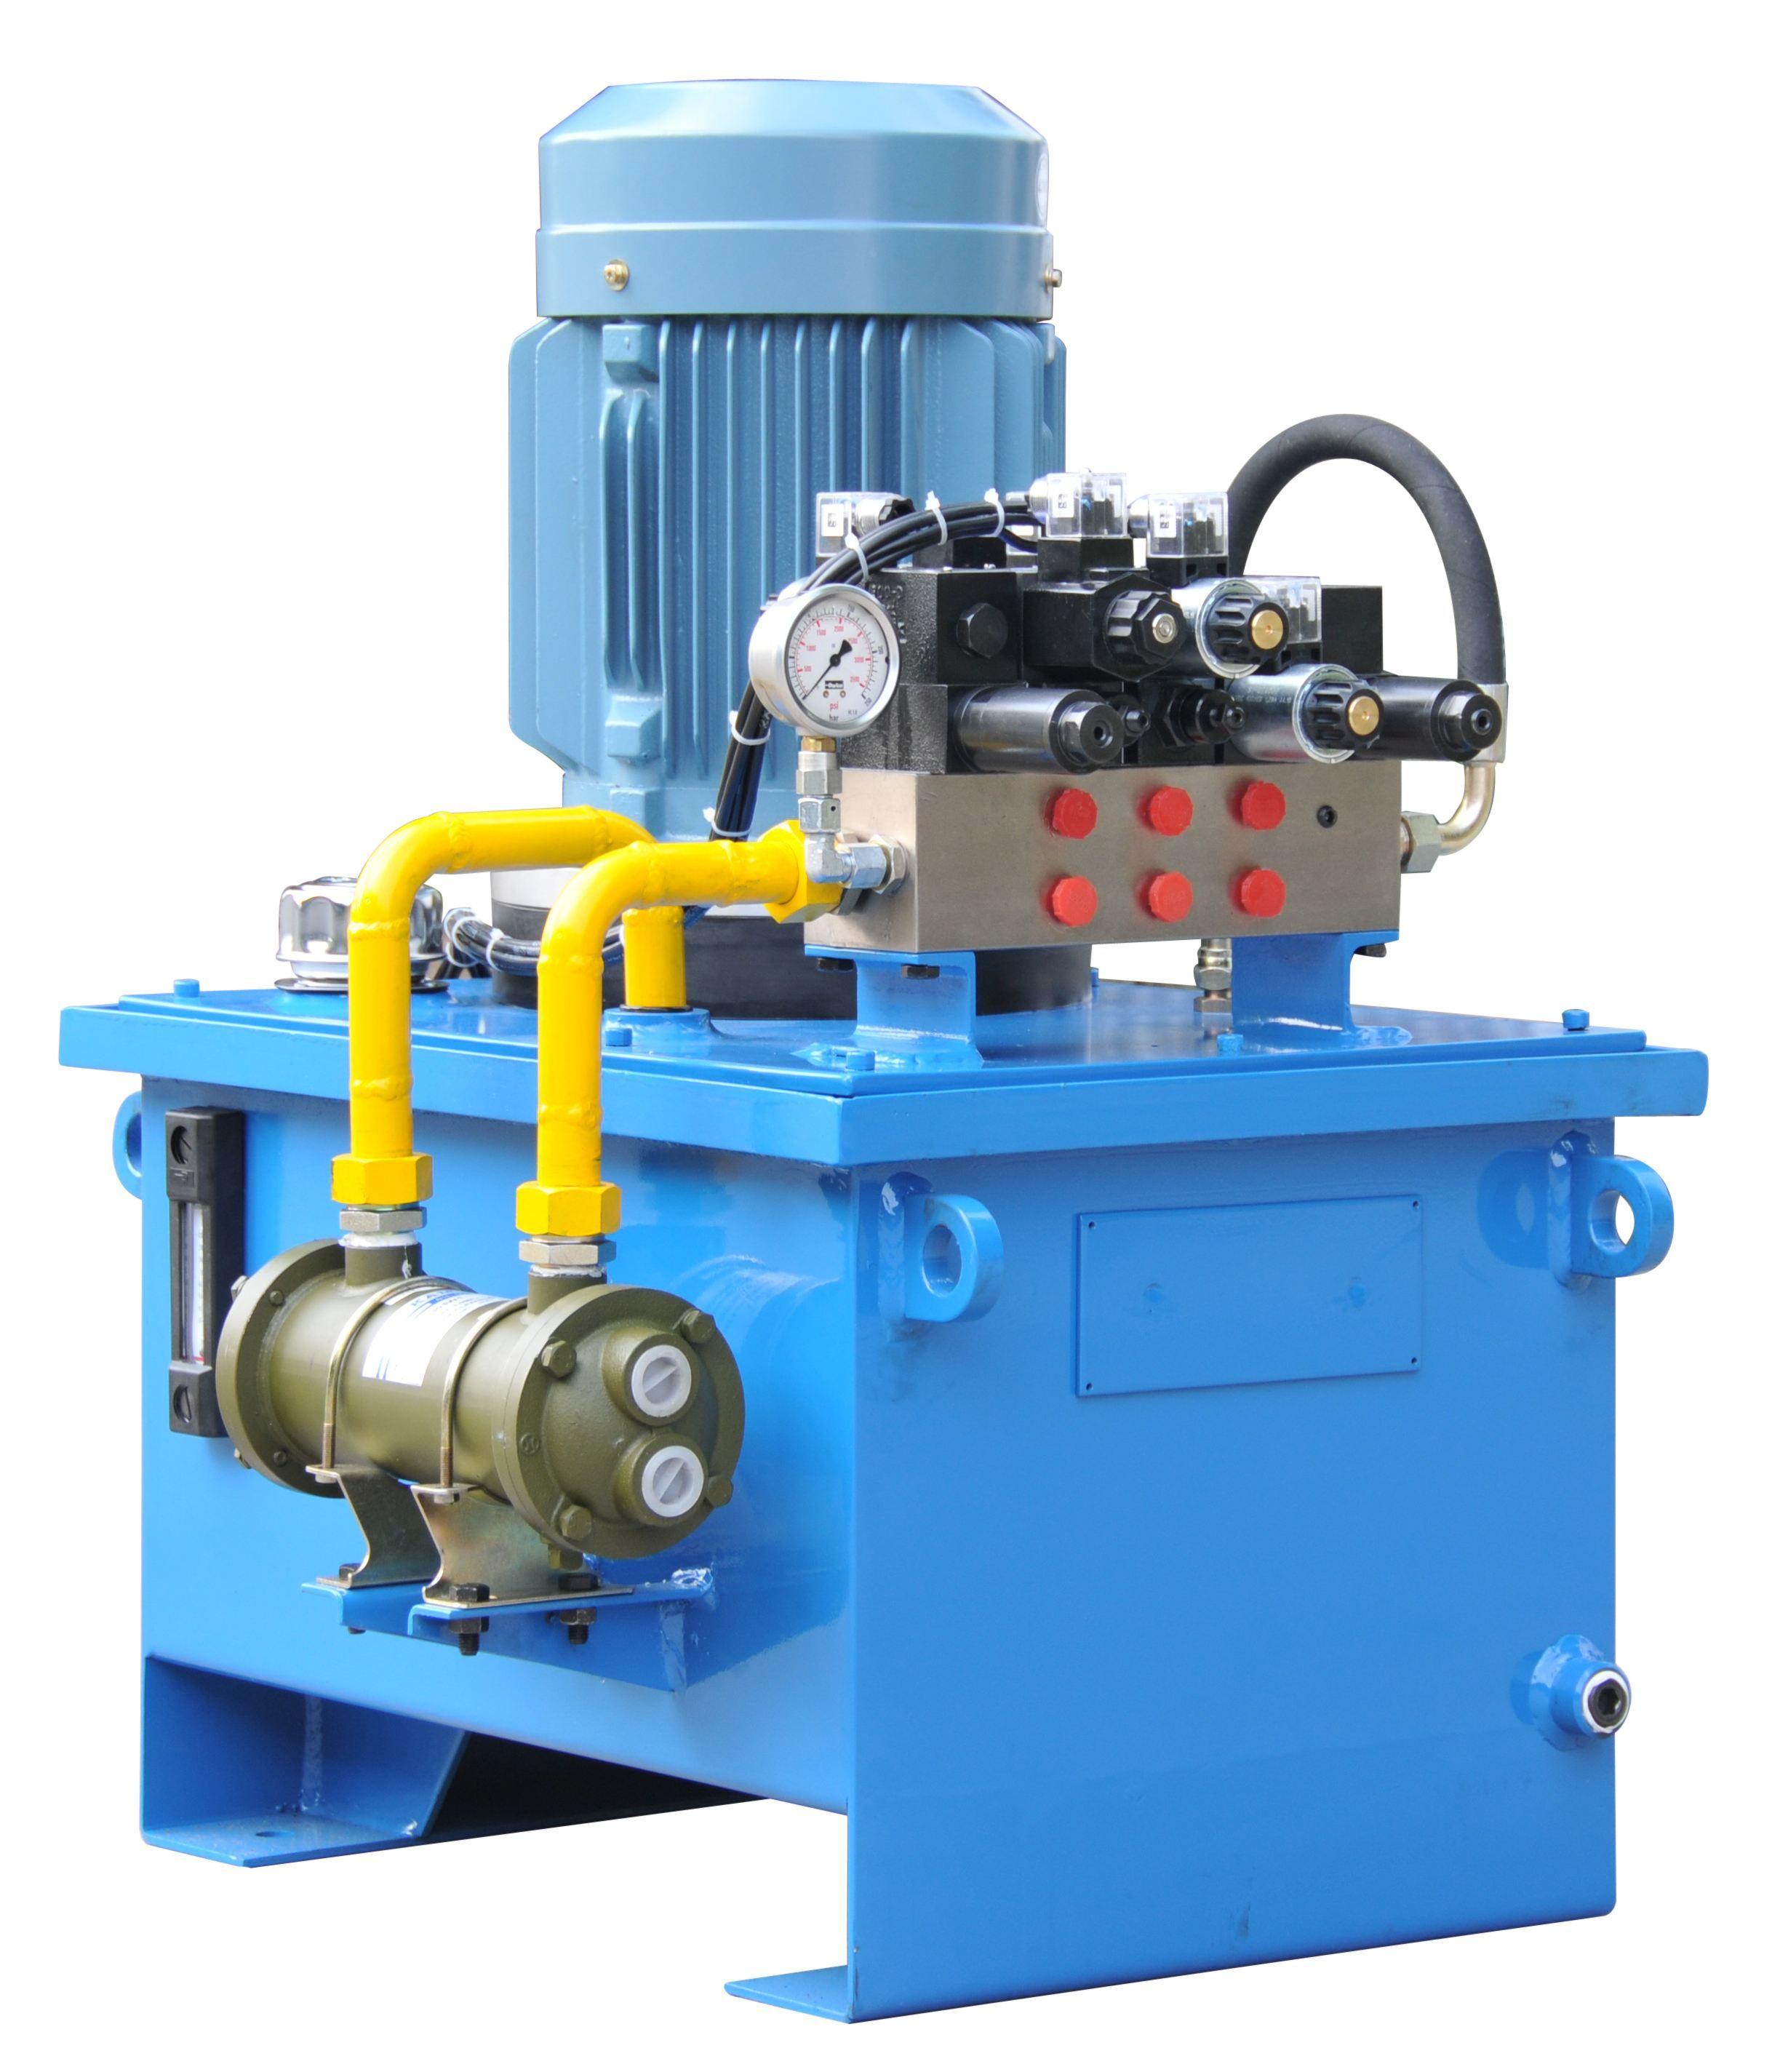 Hydraulic Cylinders system